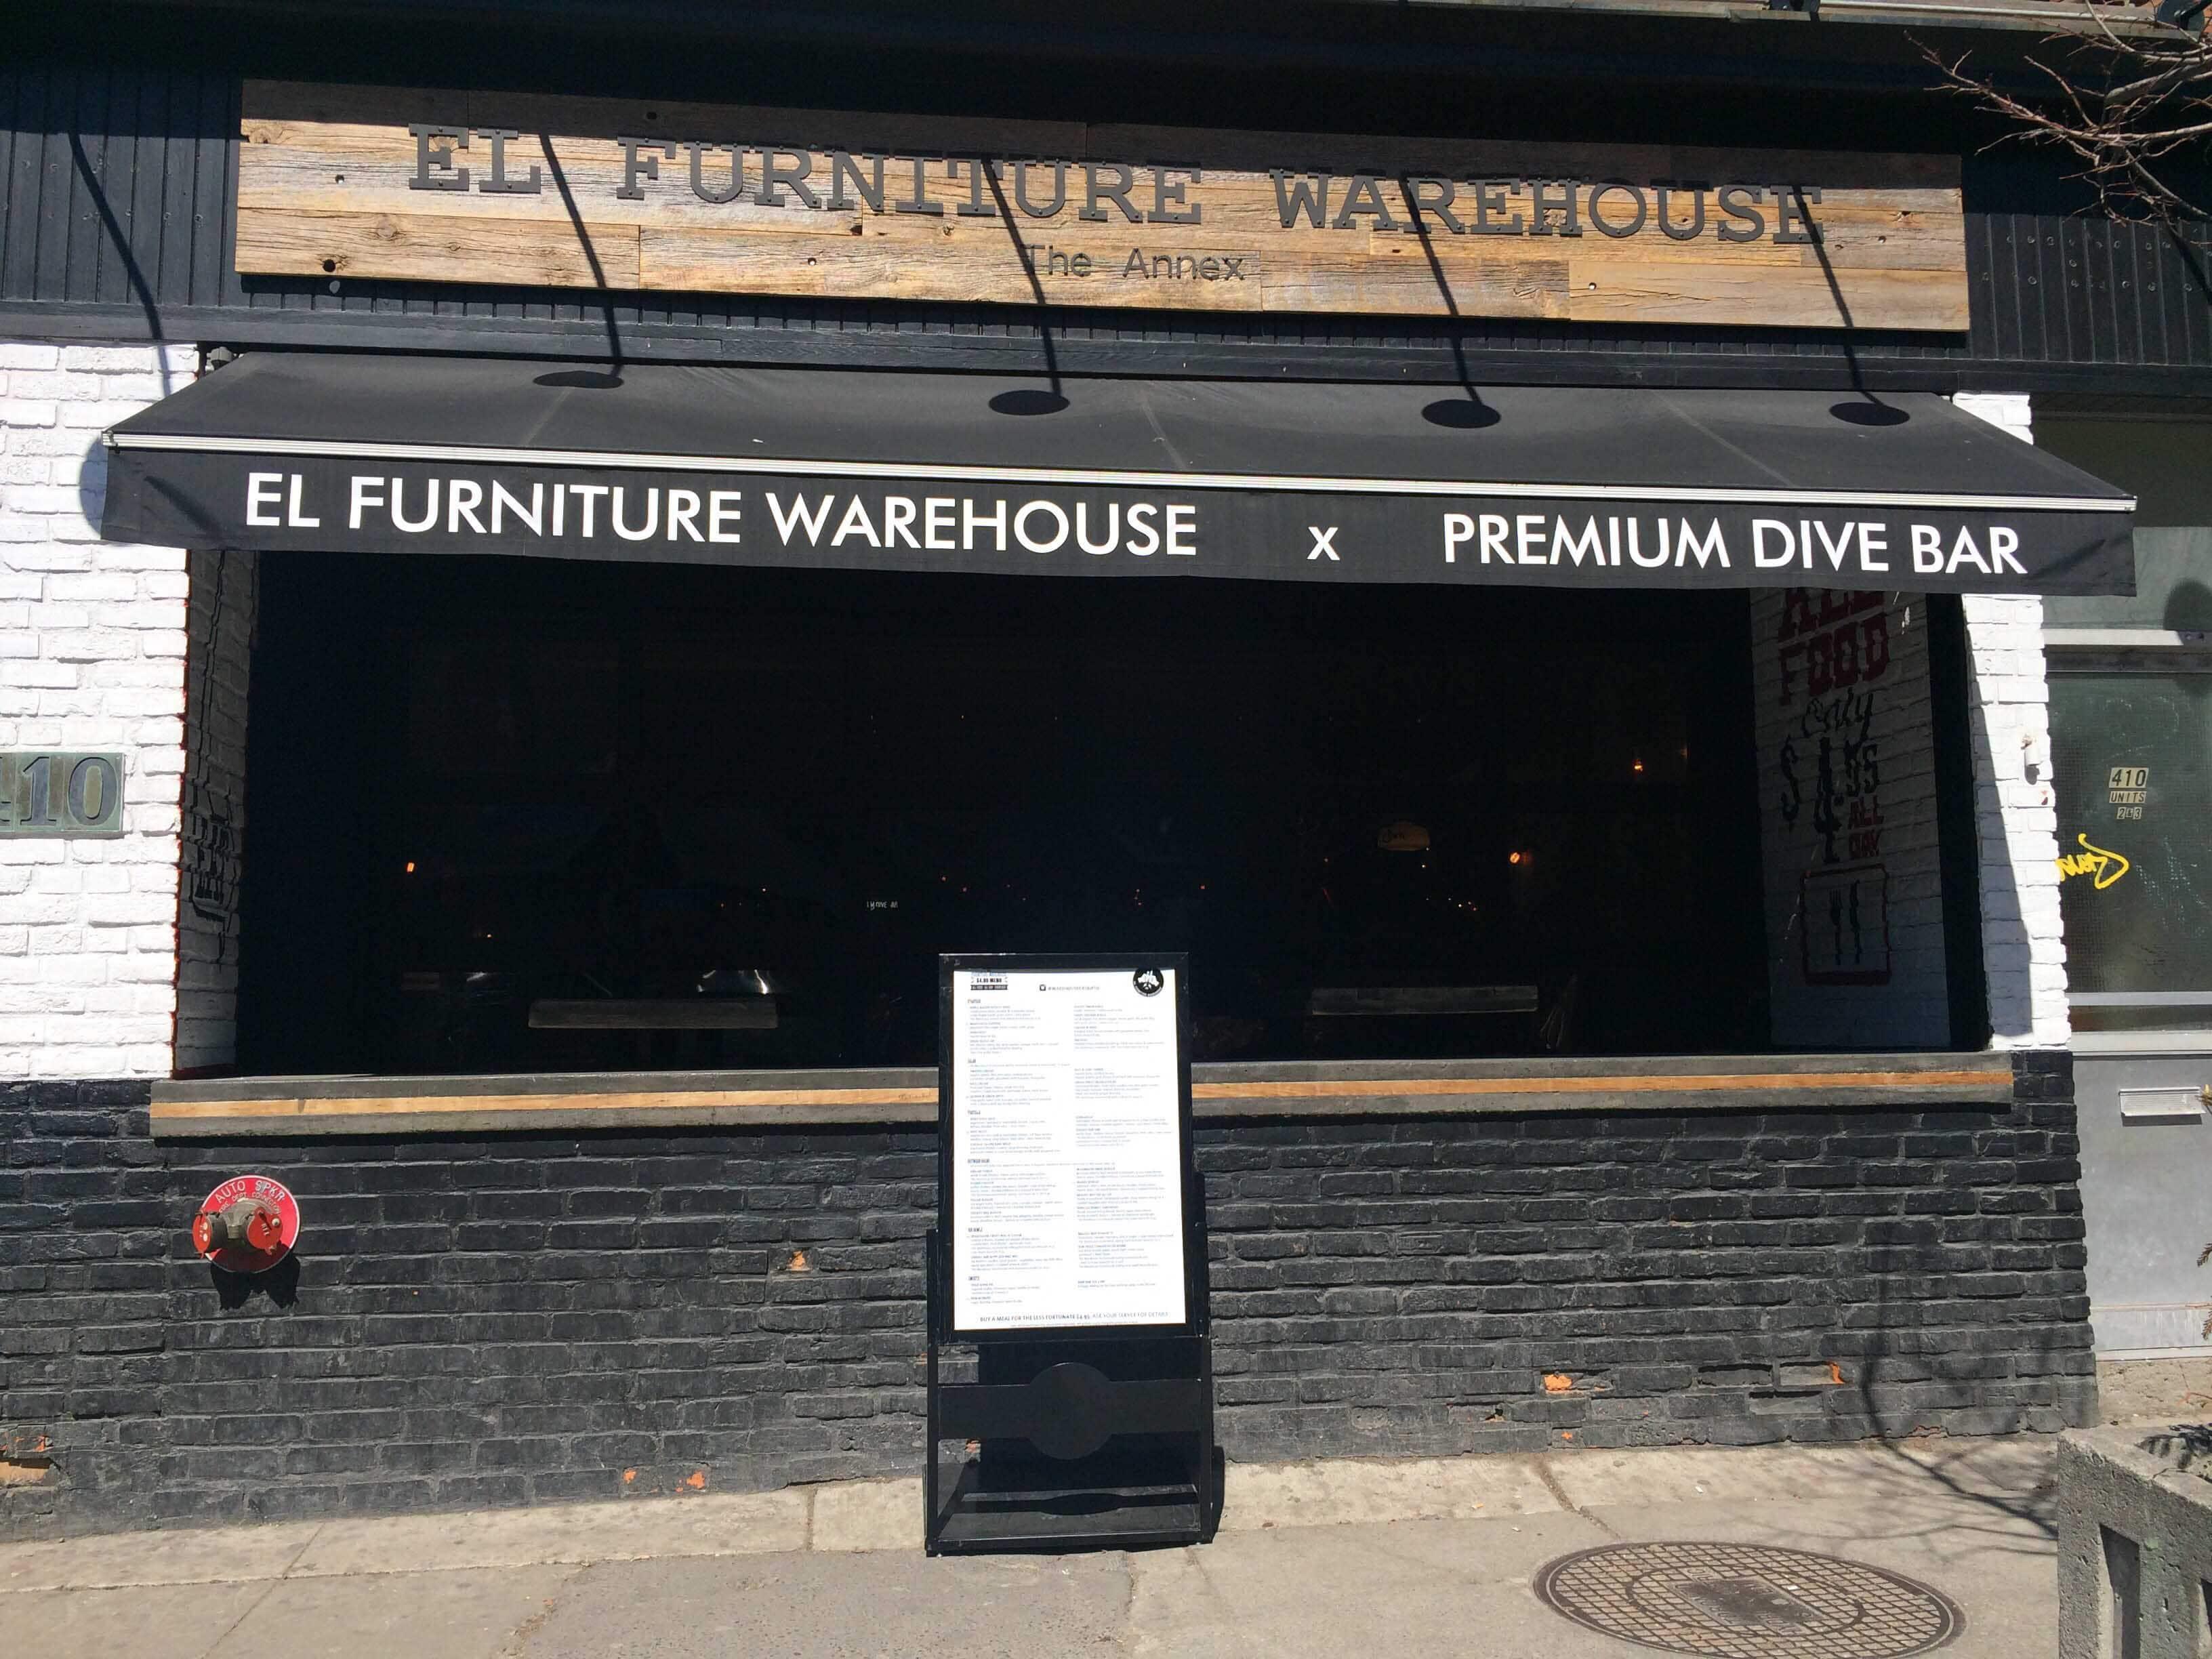 El Furniture Warehouse Menu, Menu for El Furniture Warehouse, The